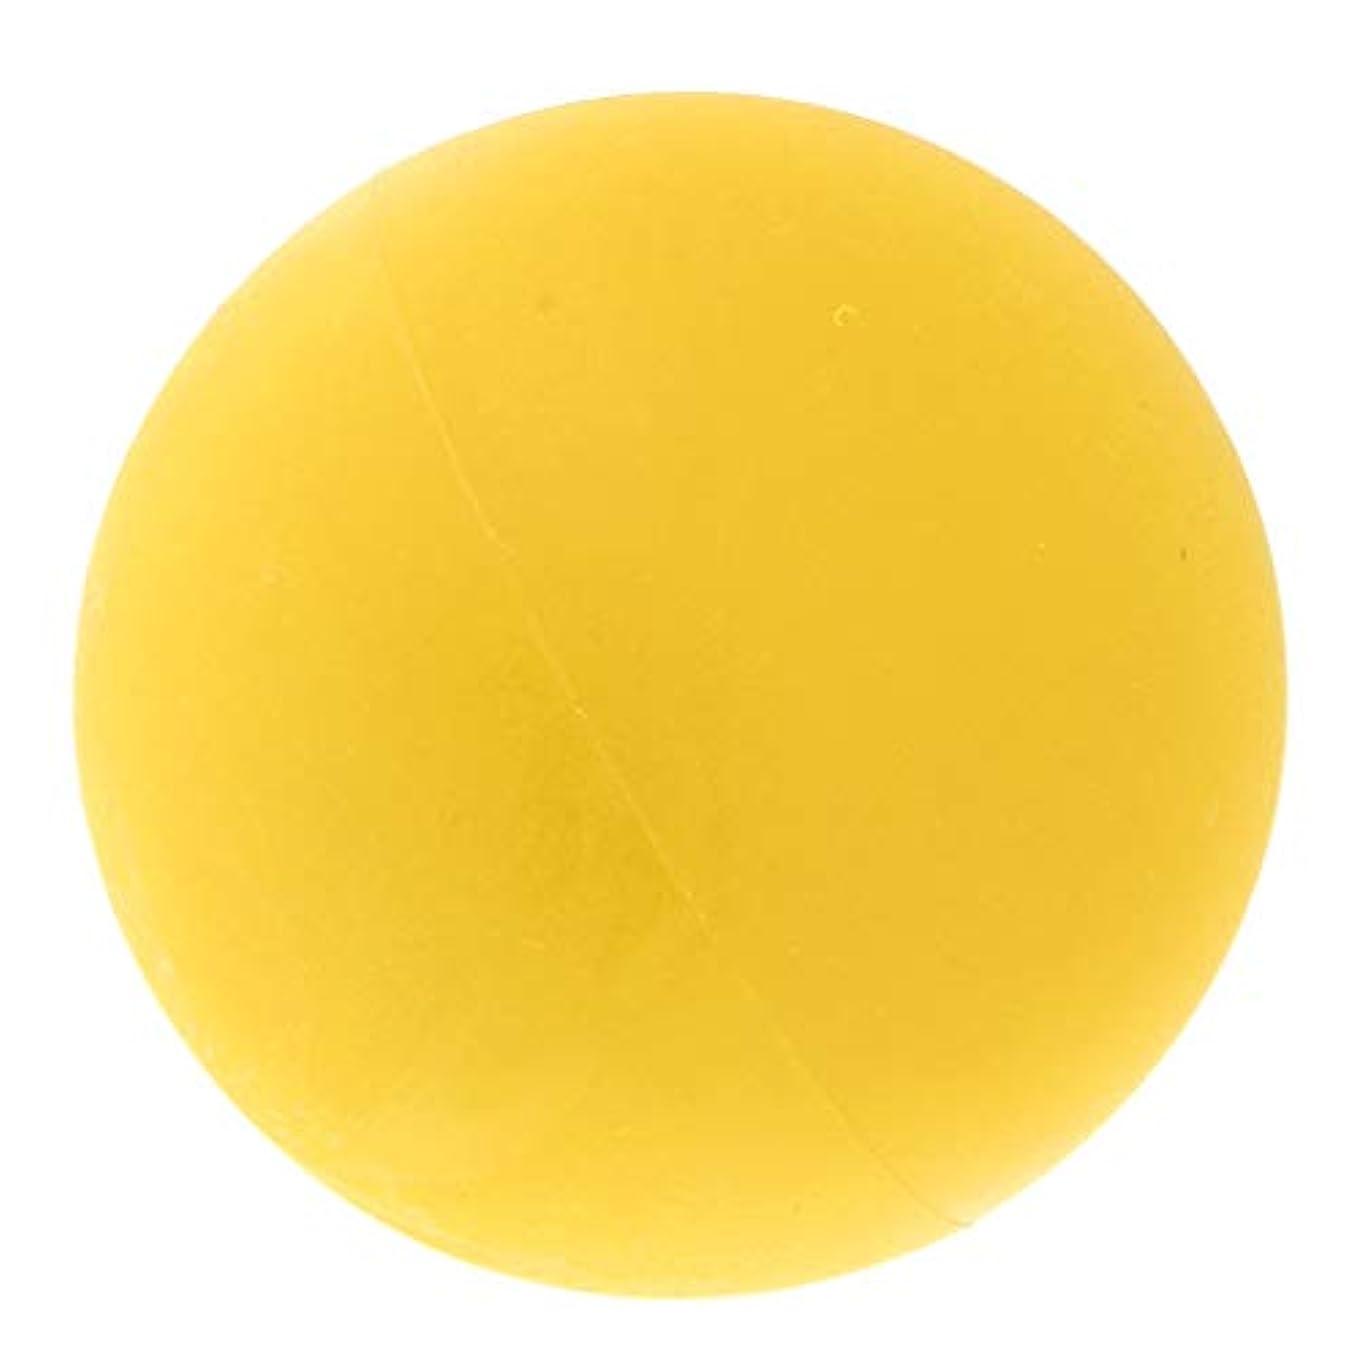 見落とす賢明な内訳マッサージボール ヨガボール トリガーポイント 筋膜リリース 緊張緩和 健康グッズ 全4色 - 黄